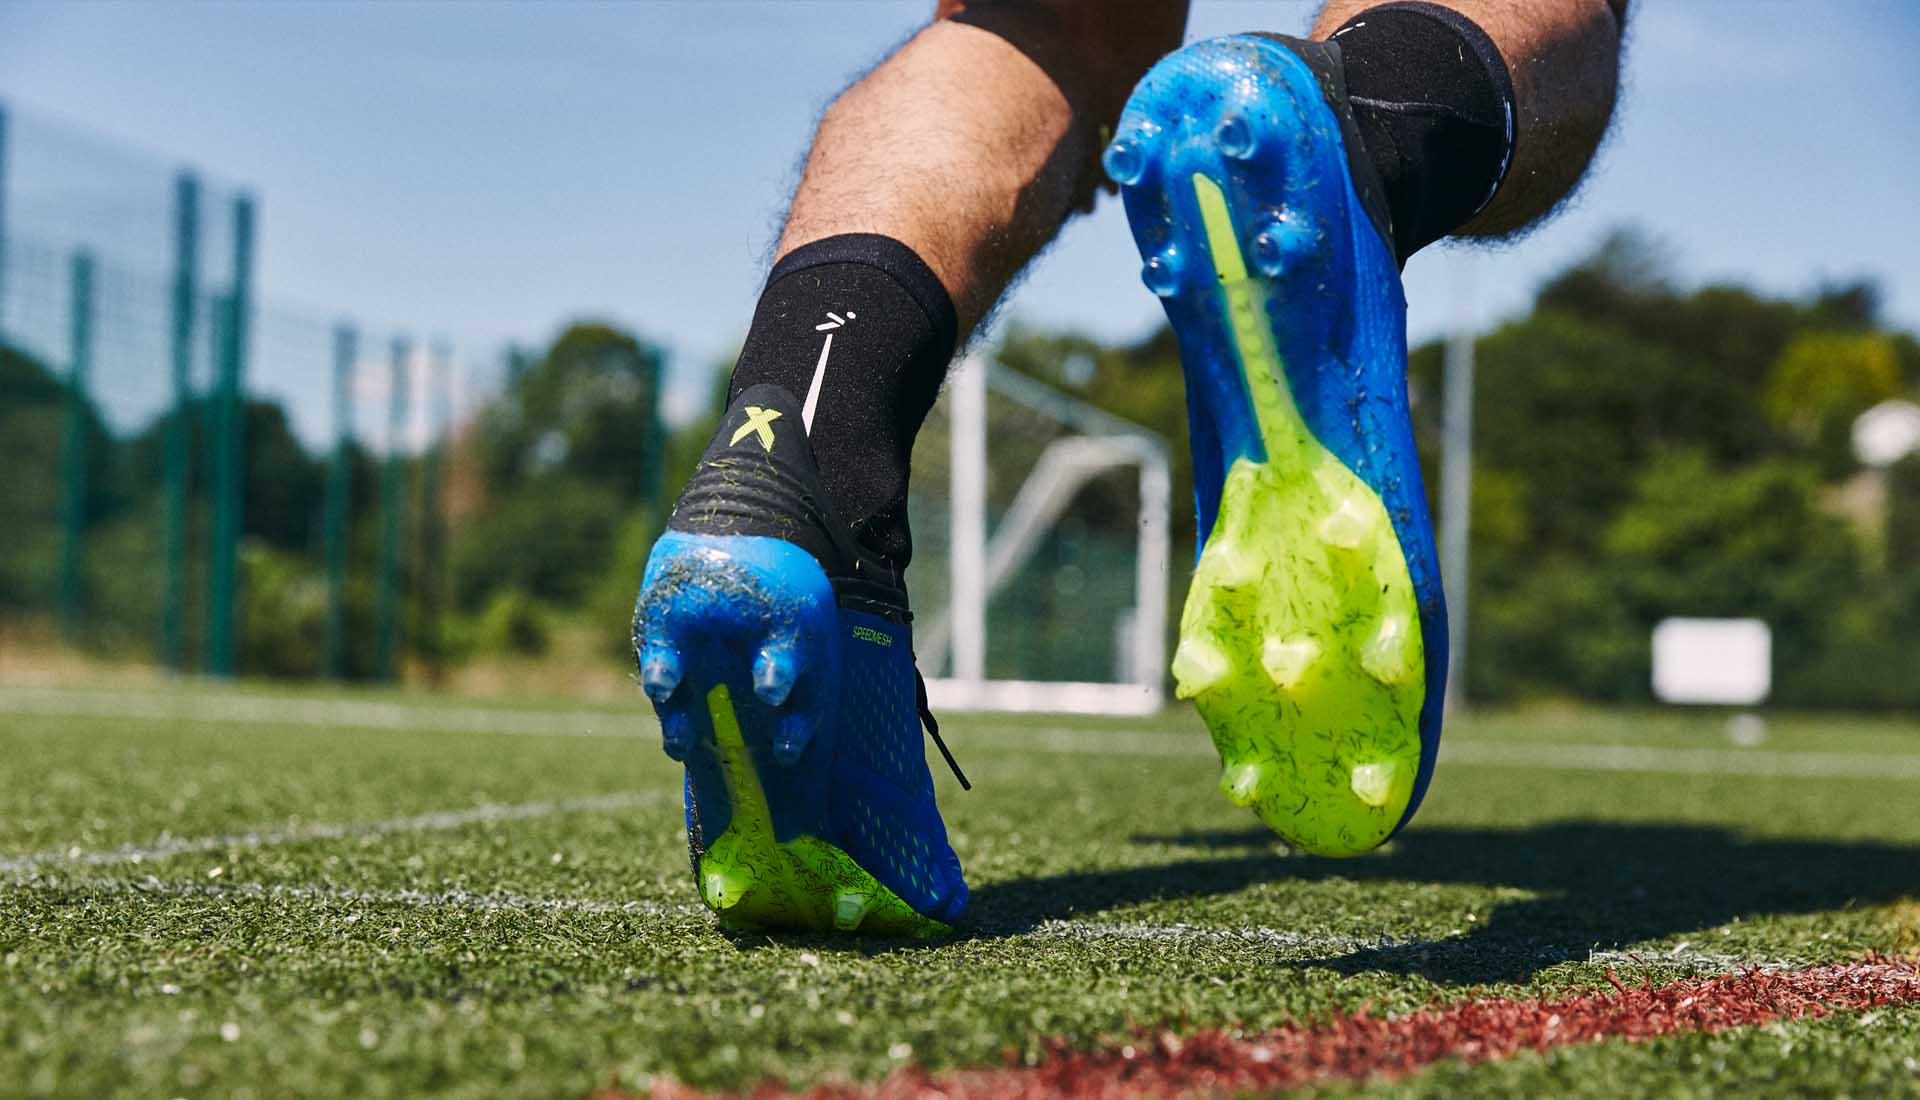 Giày bóng đá của cầu thủ chuyên nghiệp thường có trọng lượng nhẹ